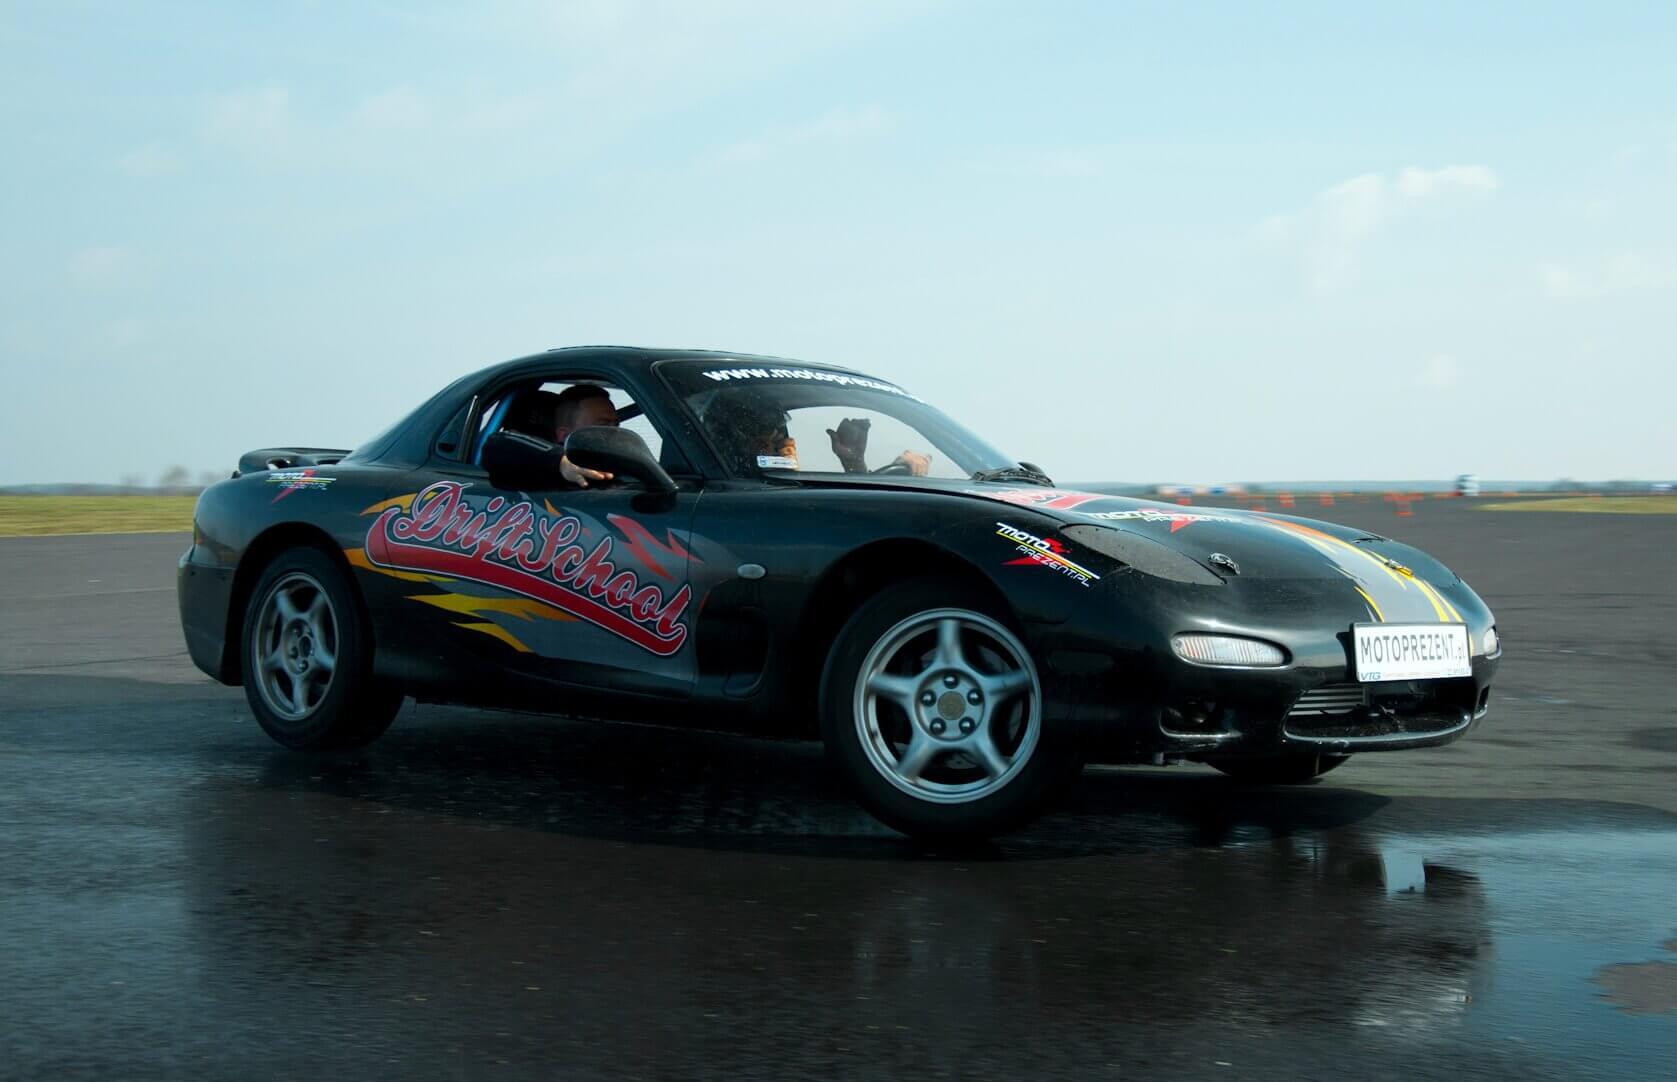 Jazda w poślizgu kontrolowanym - drifting na torze